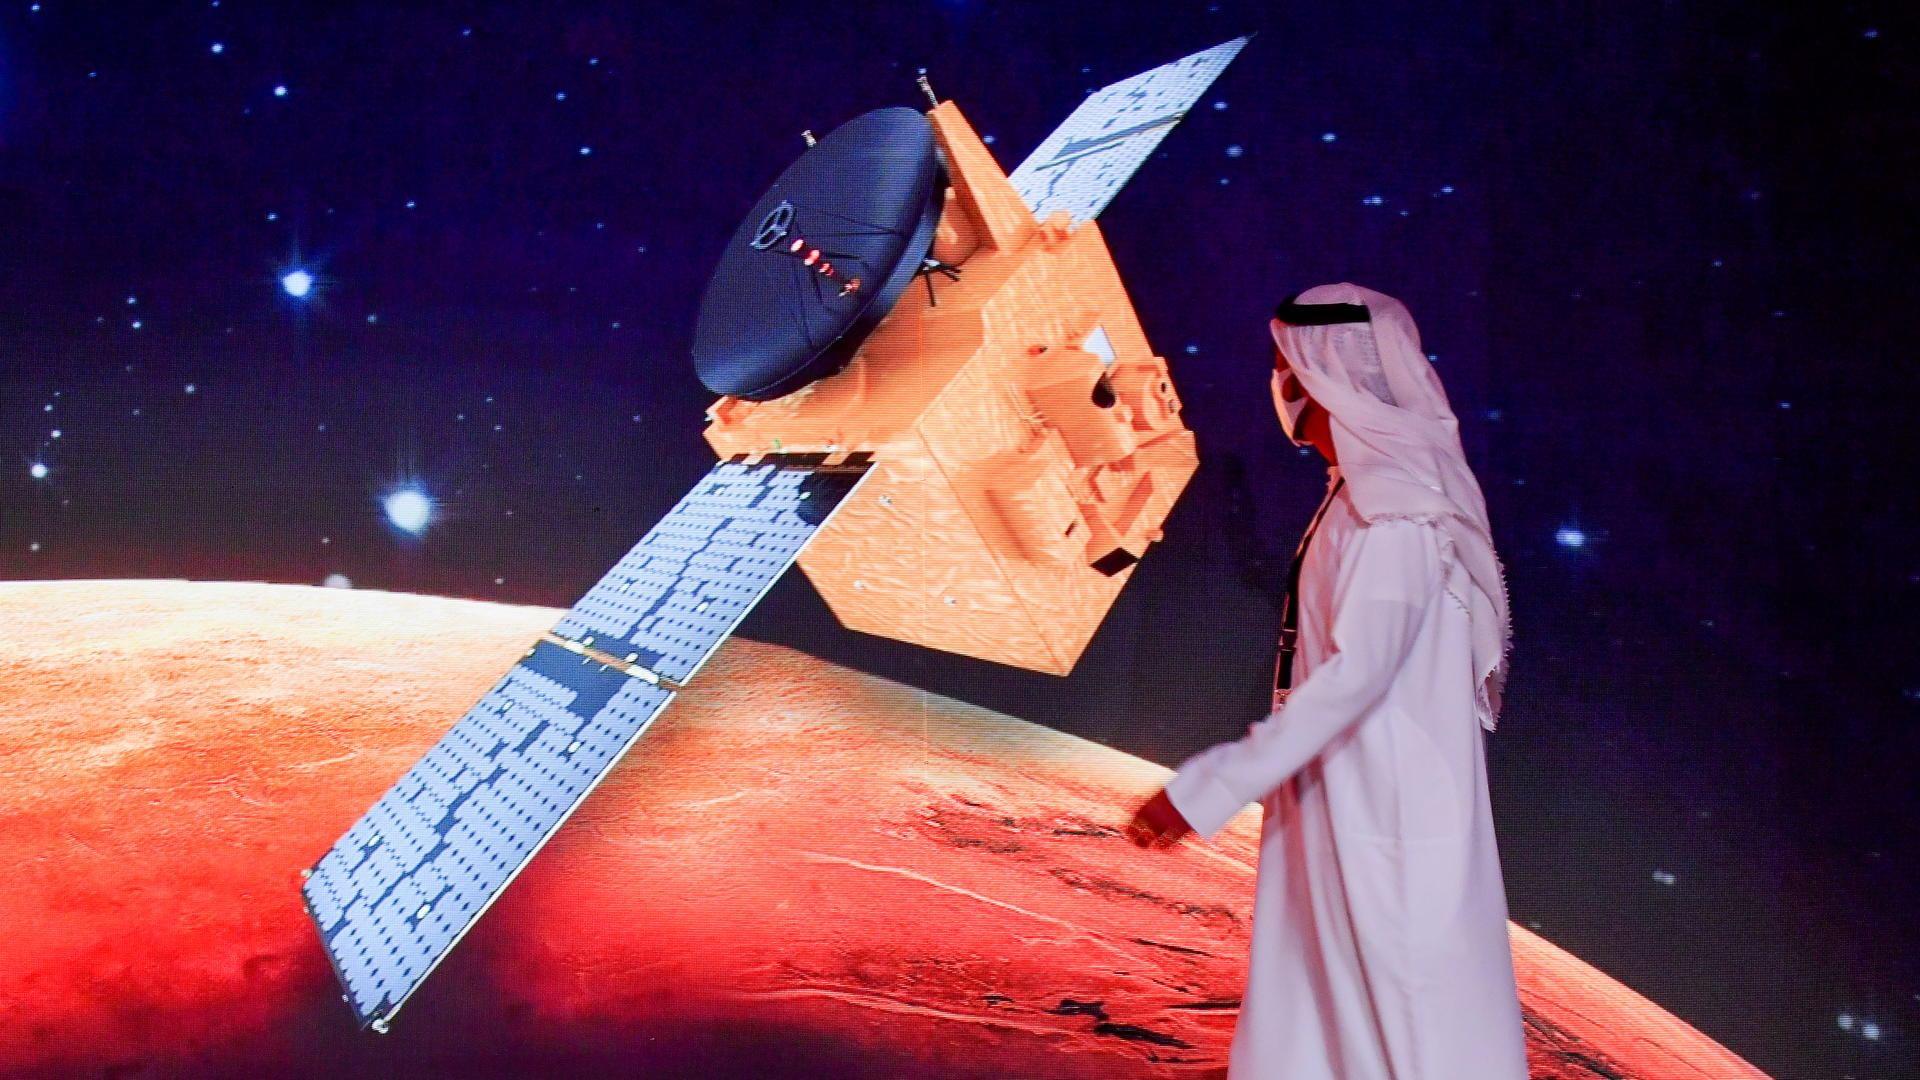 Der Weltraum: Ein globaler Wettlauf?